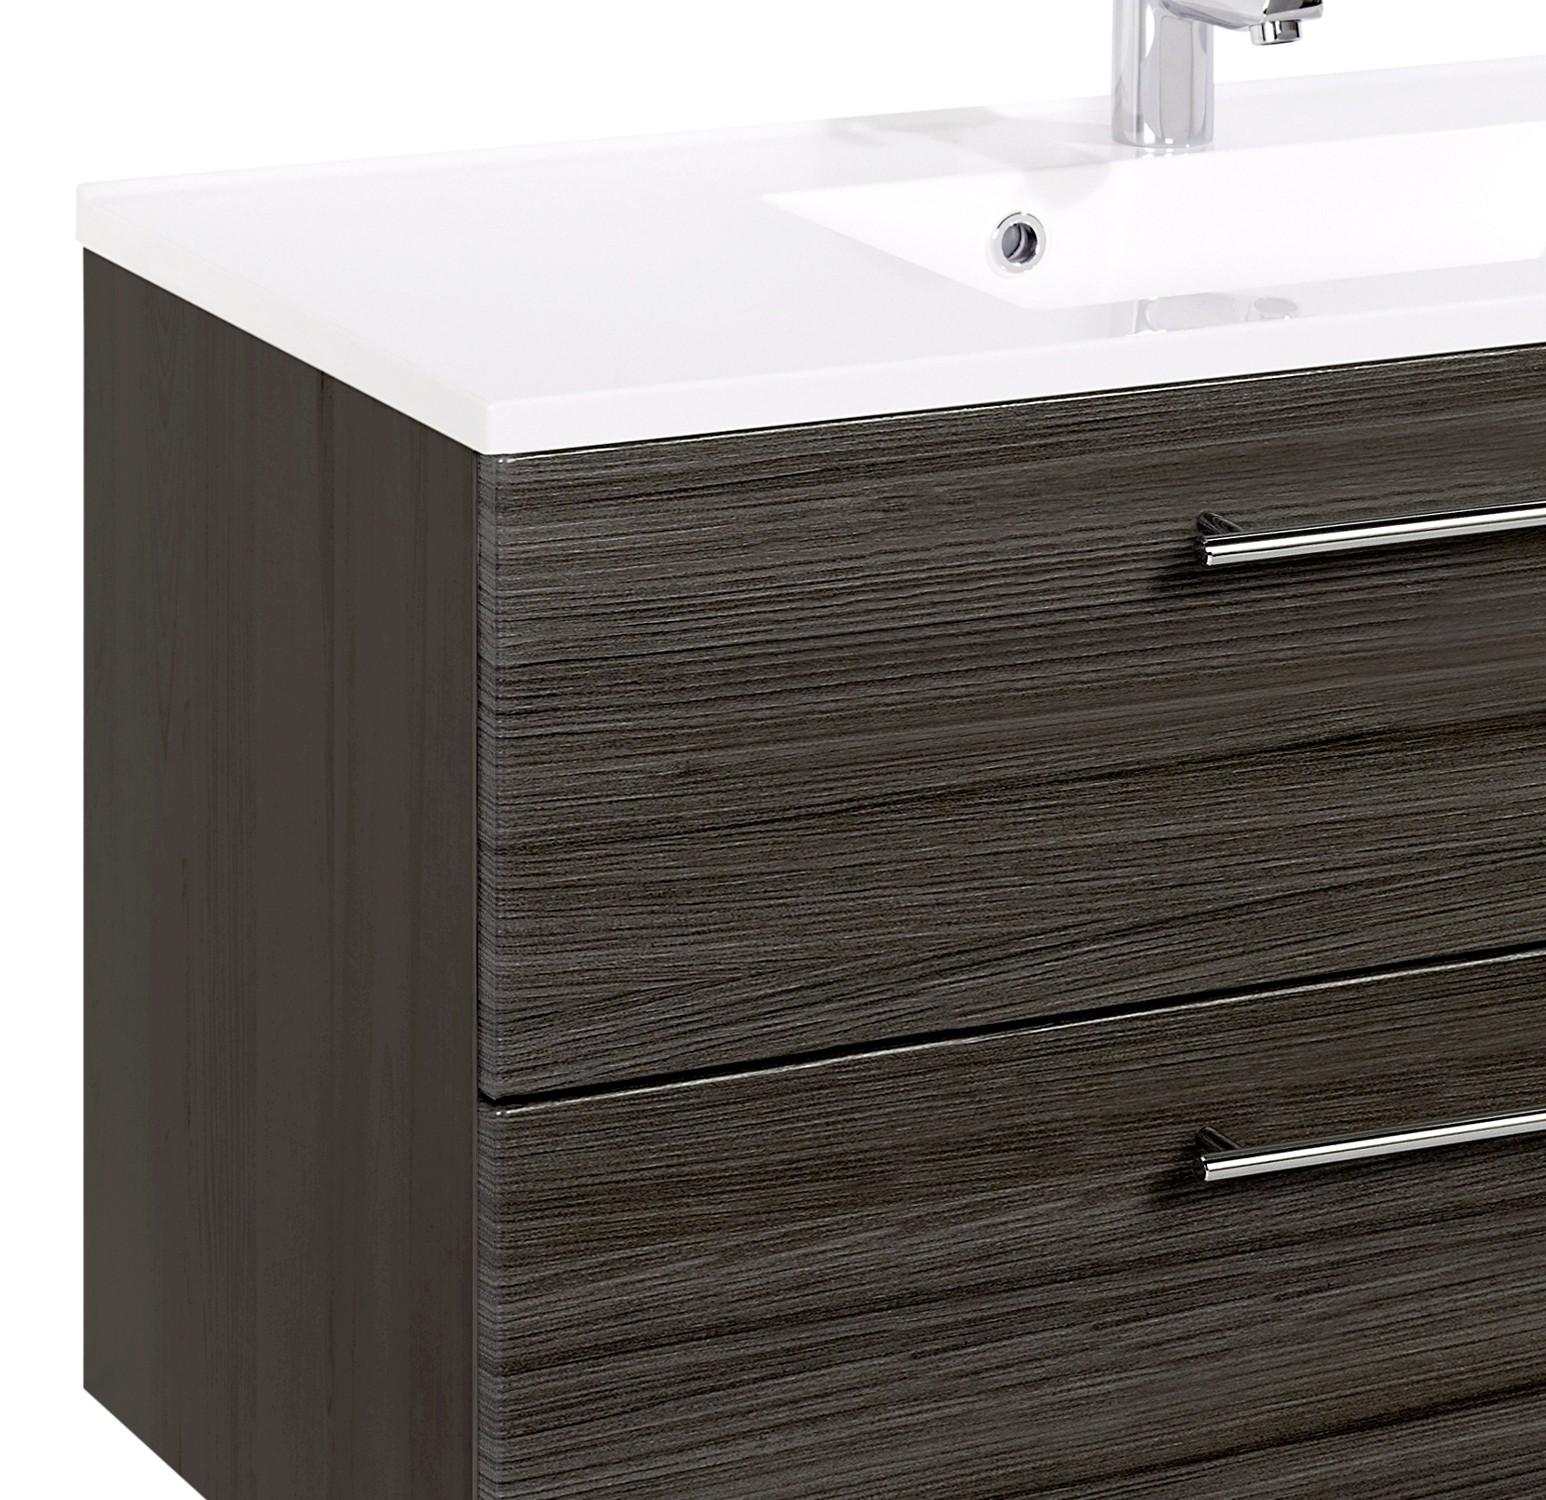 Neu Badmöbel-Set MAILAND - mit Waschtisch - 4-teilig - 100 cm breit  BI36